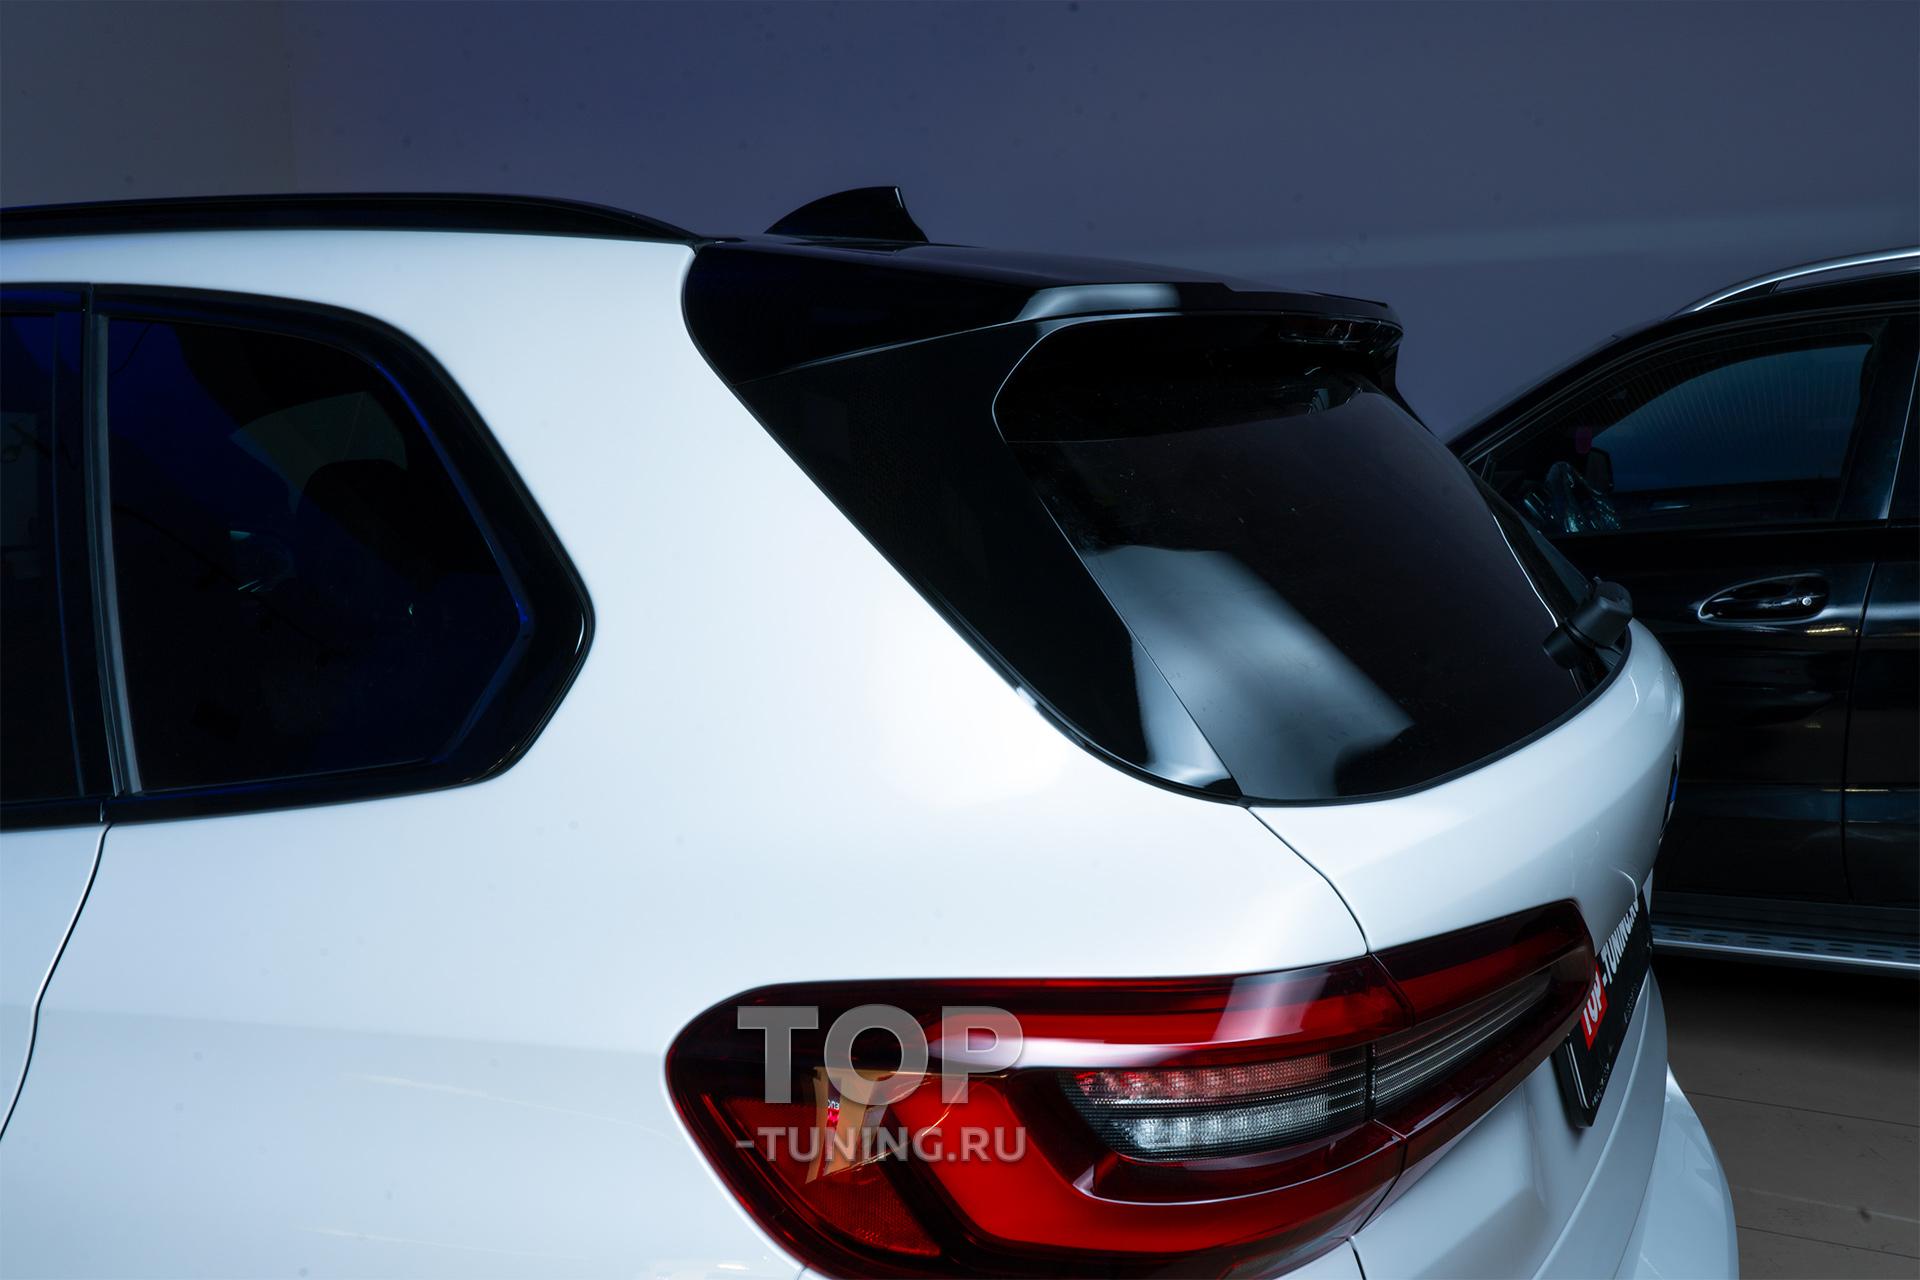 Черная крыша, спойлер и зеркала для на белом BMW X5 G05 (бронепленка, эффект стекла)